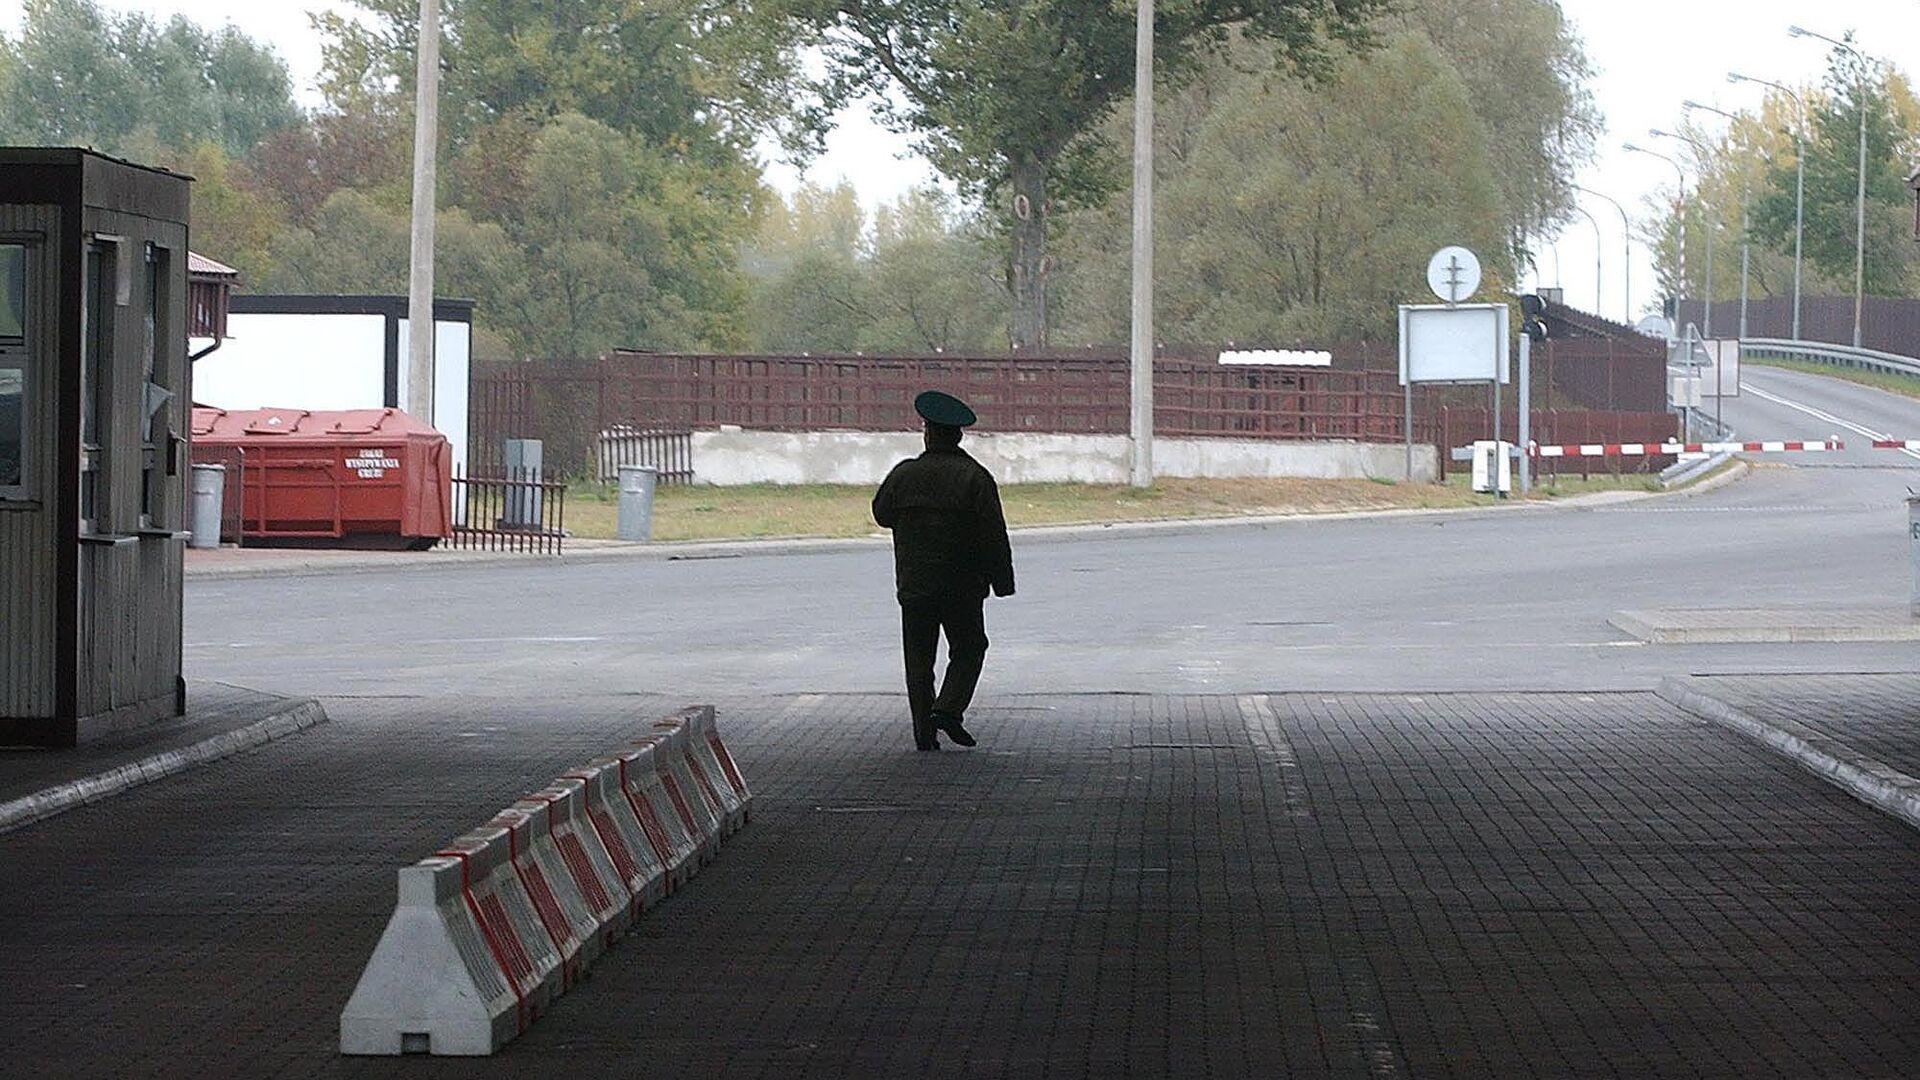 Пограничник на границе между Белоруссией и Польшей - РИА Новости, 1920, 09.11.2020